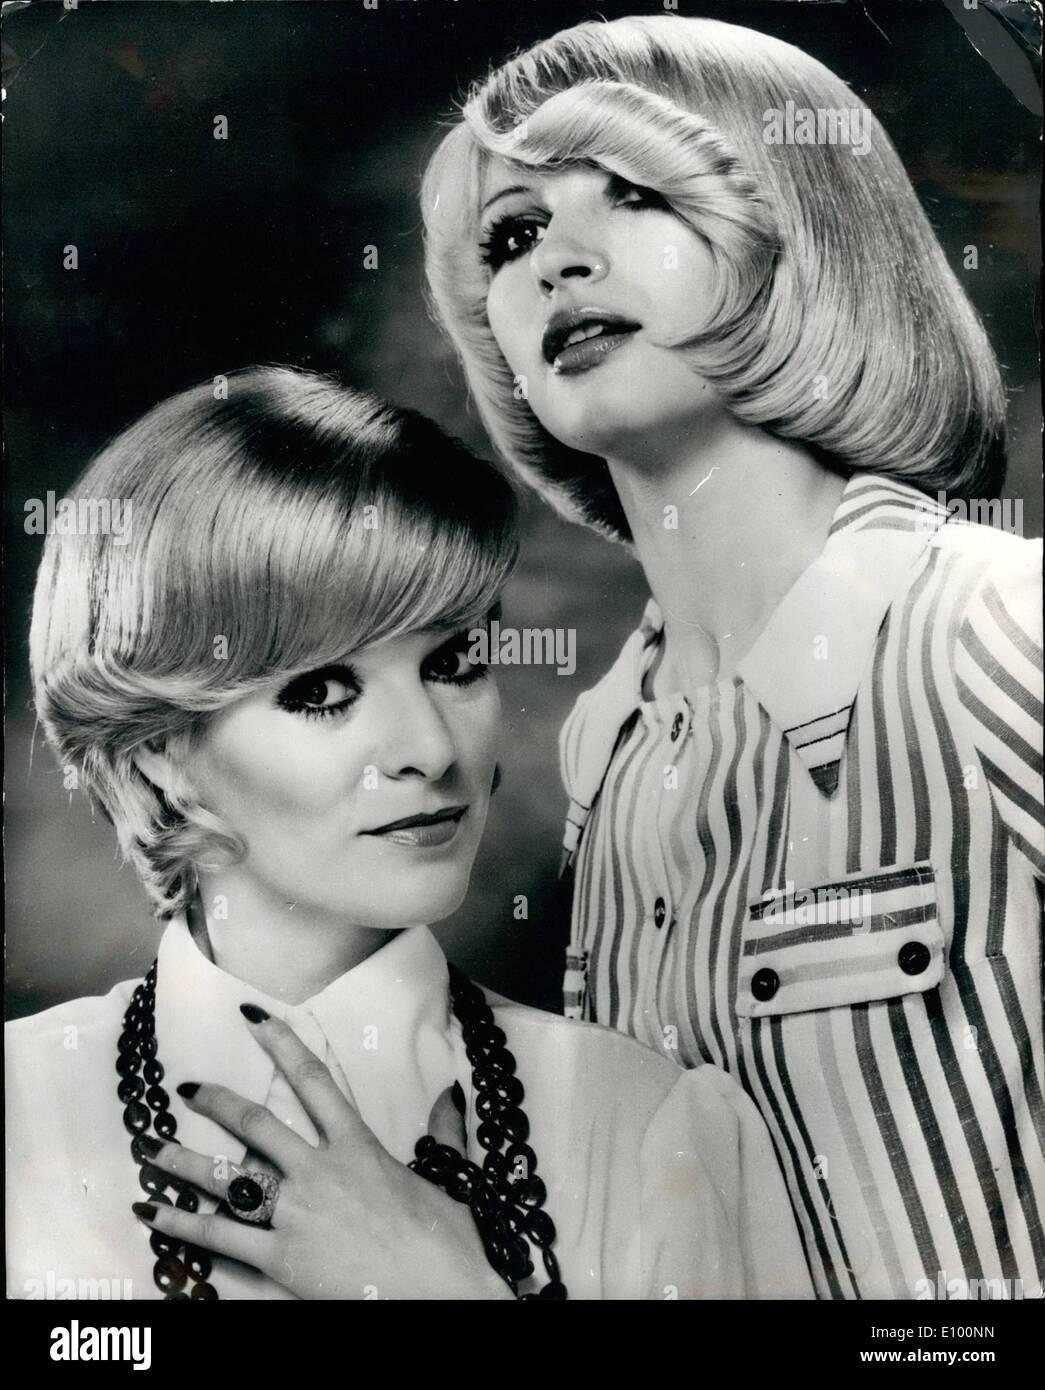 2 Februar 1972 Neue Haar Styles Aus Paris Der Neue Kurze Lockige